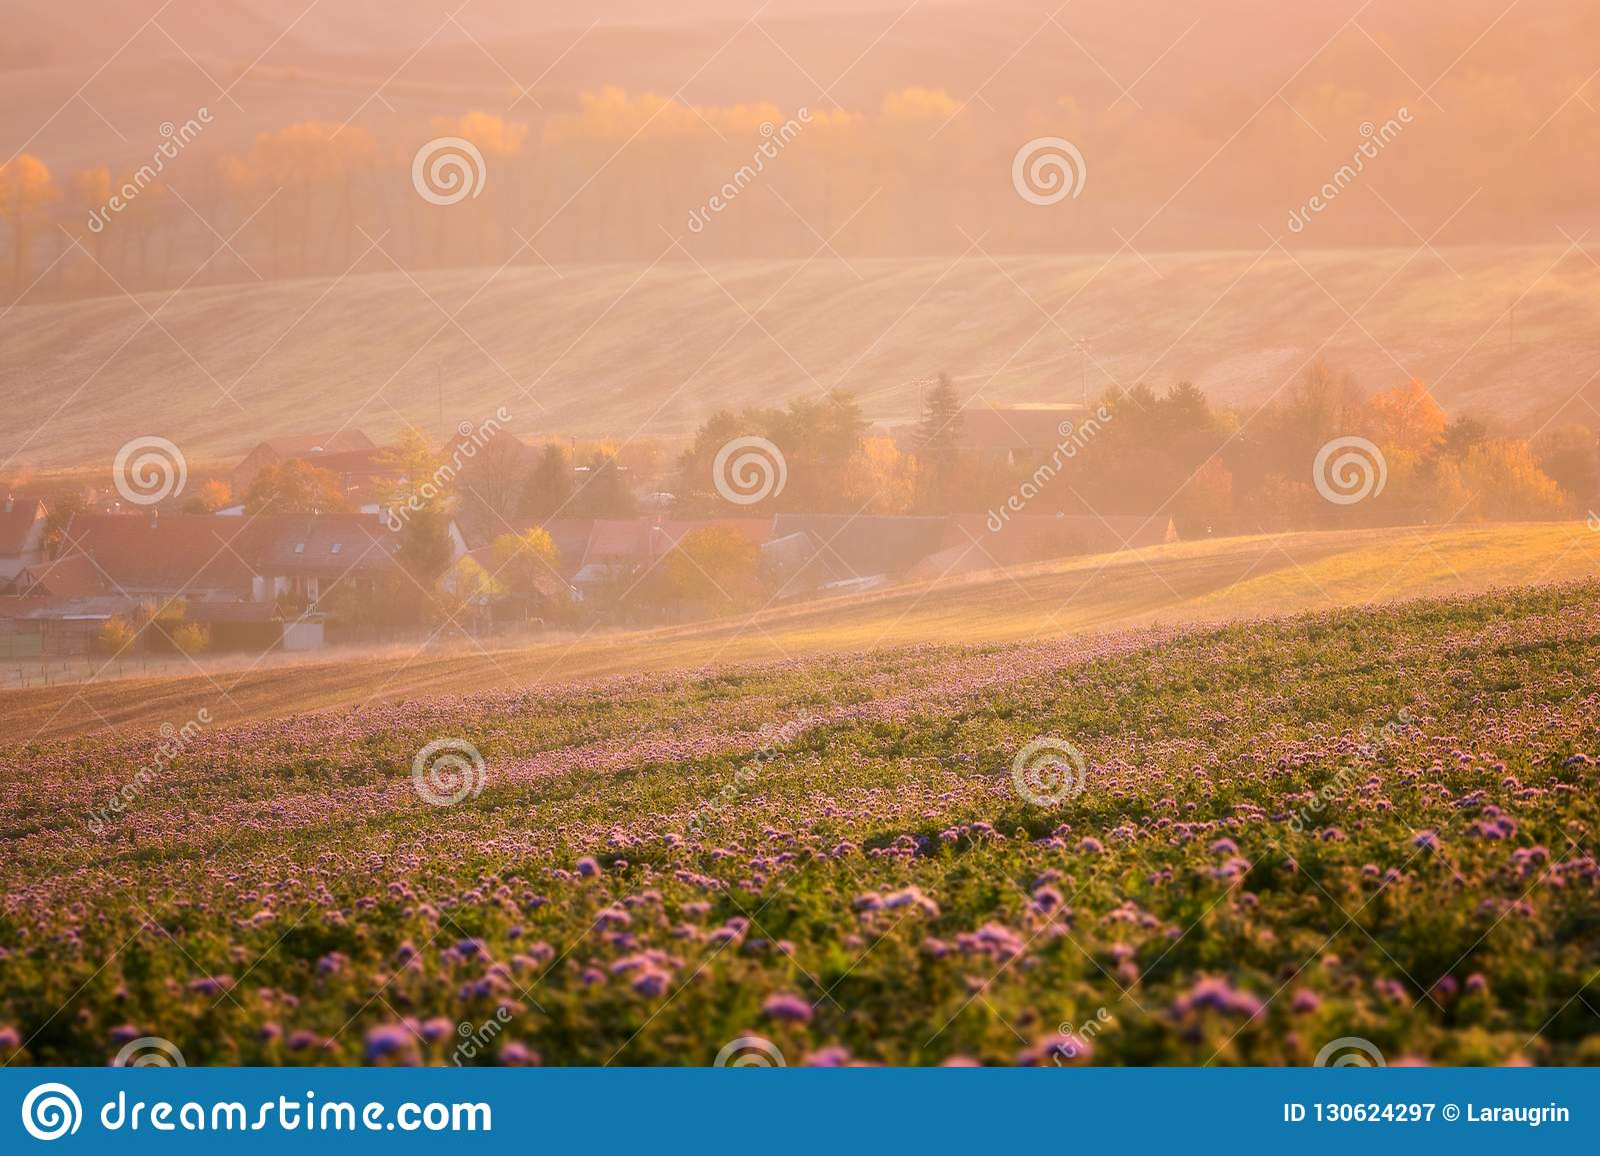 Stabilimento accogliente circondato dai campi agricoli soleggiati, fiori porpora di phacelia, bello paesaggio della campagna alla